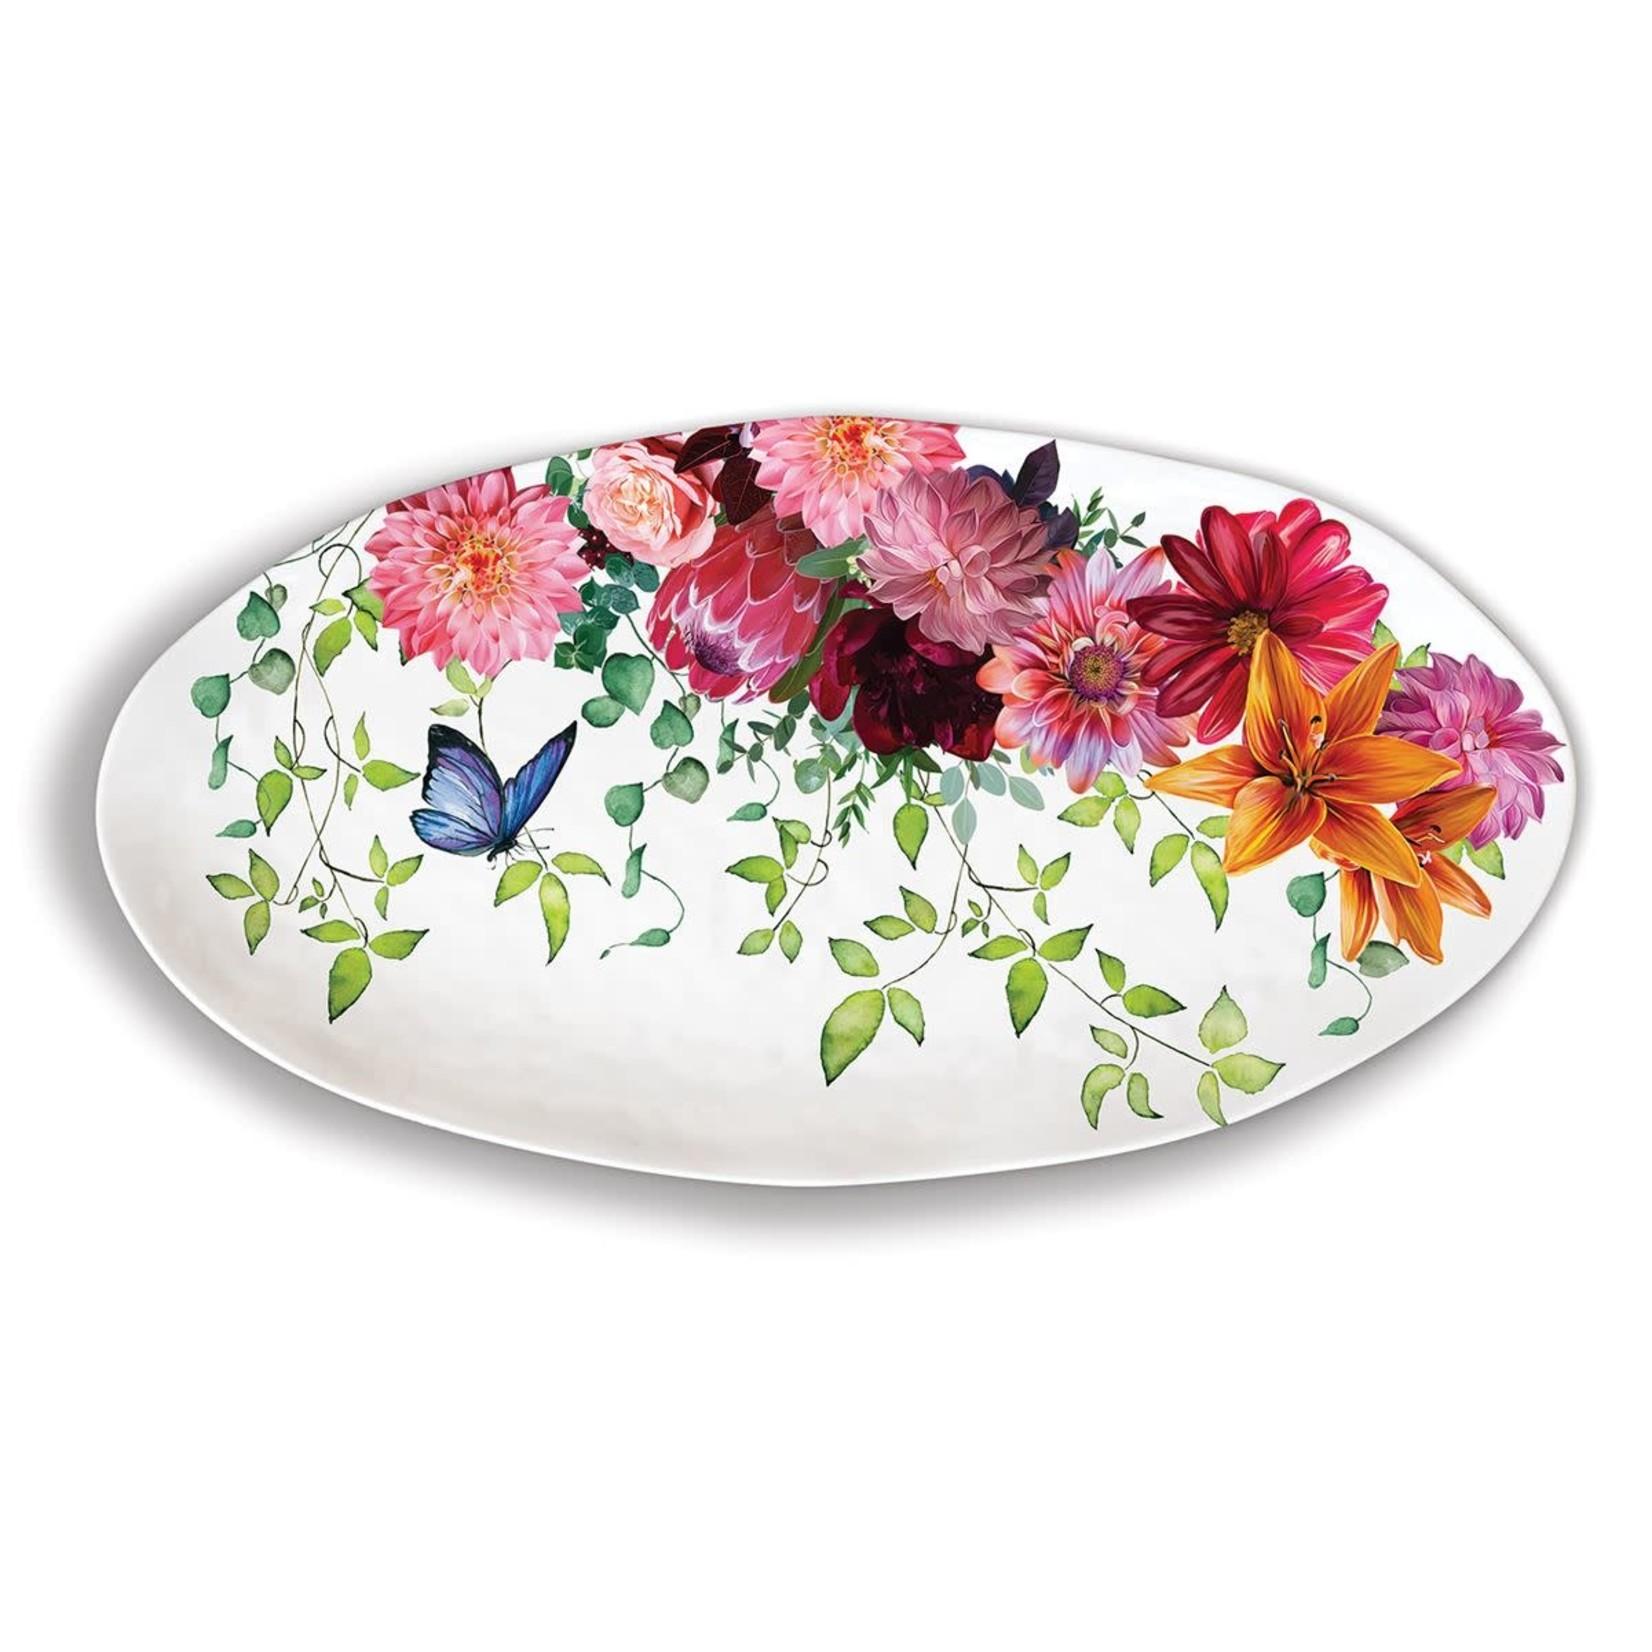 Michel Design Works Sweet Floral Melody Melamine Oval Platter